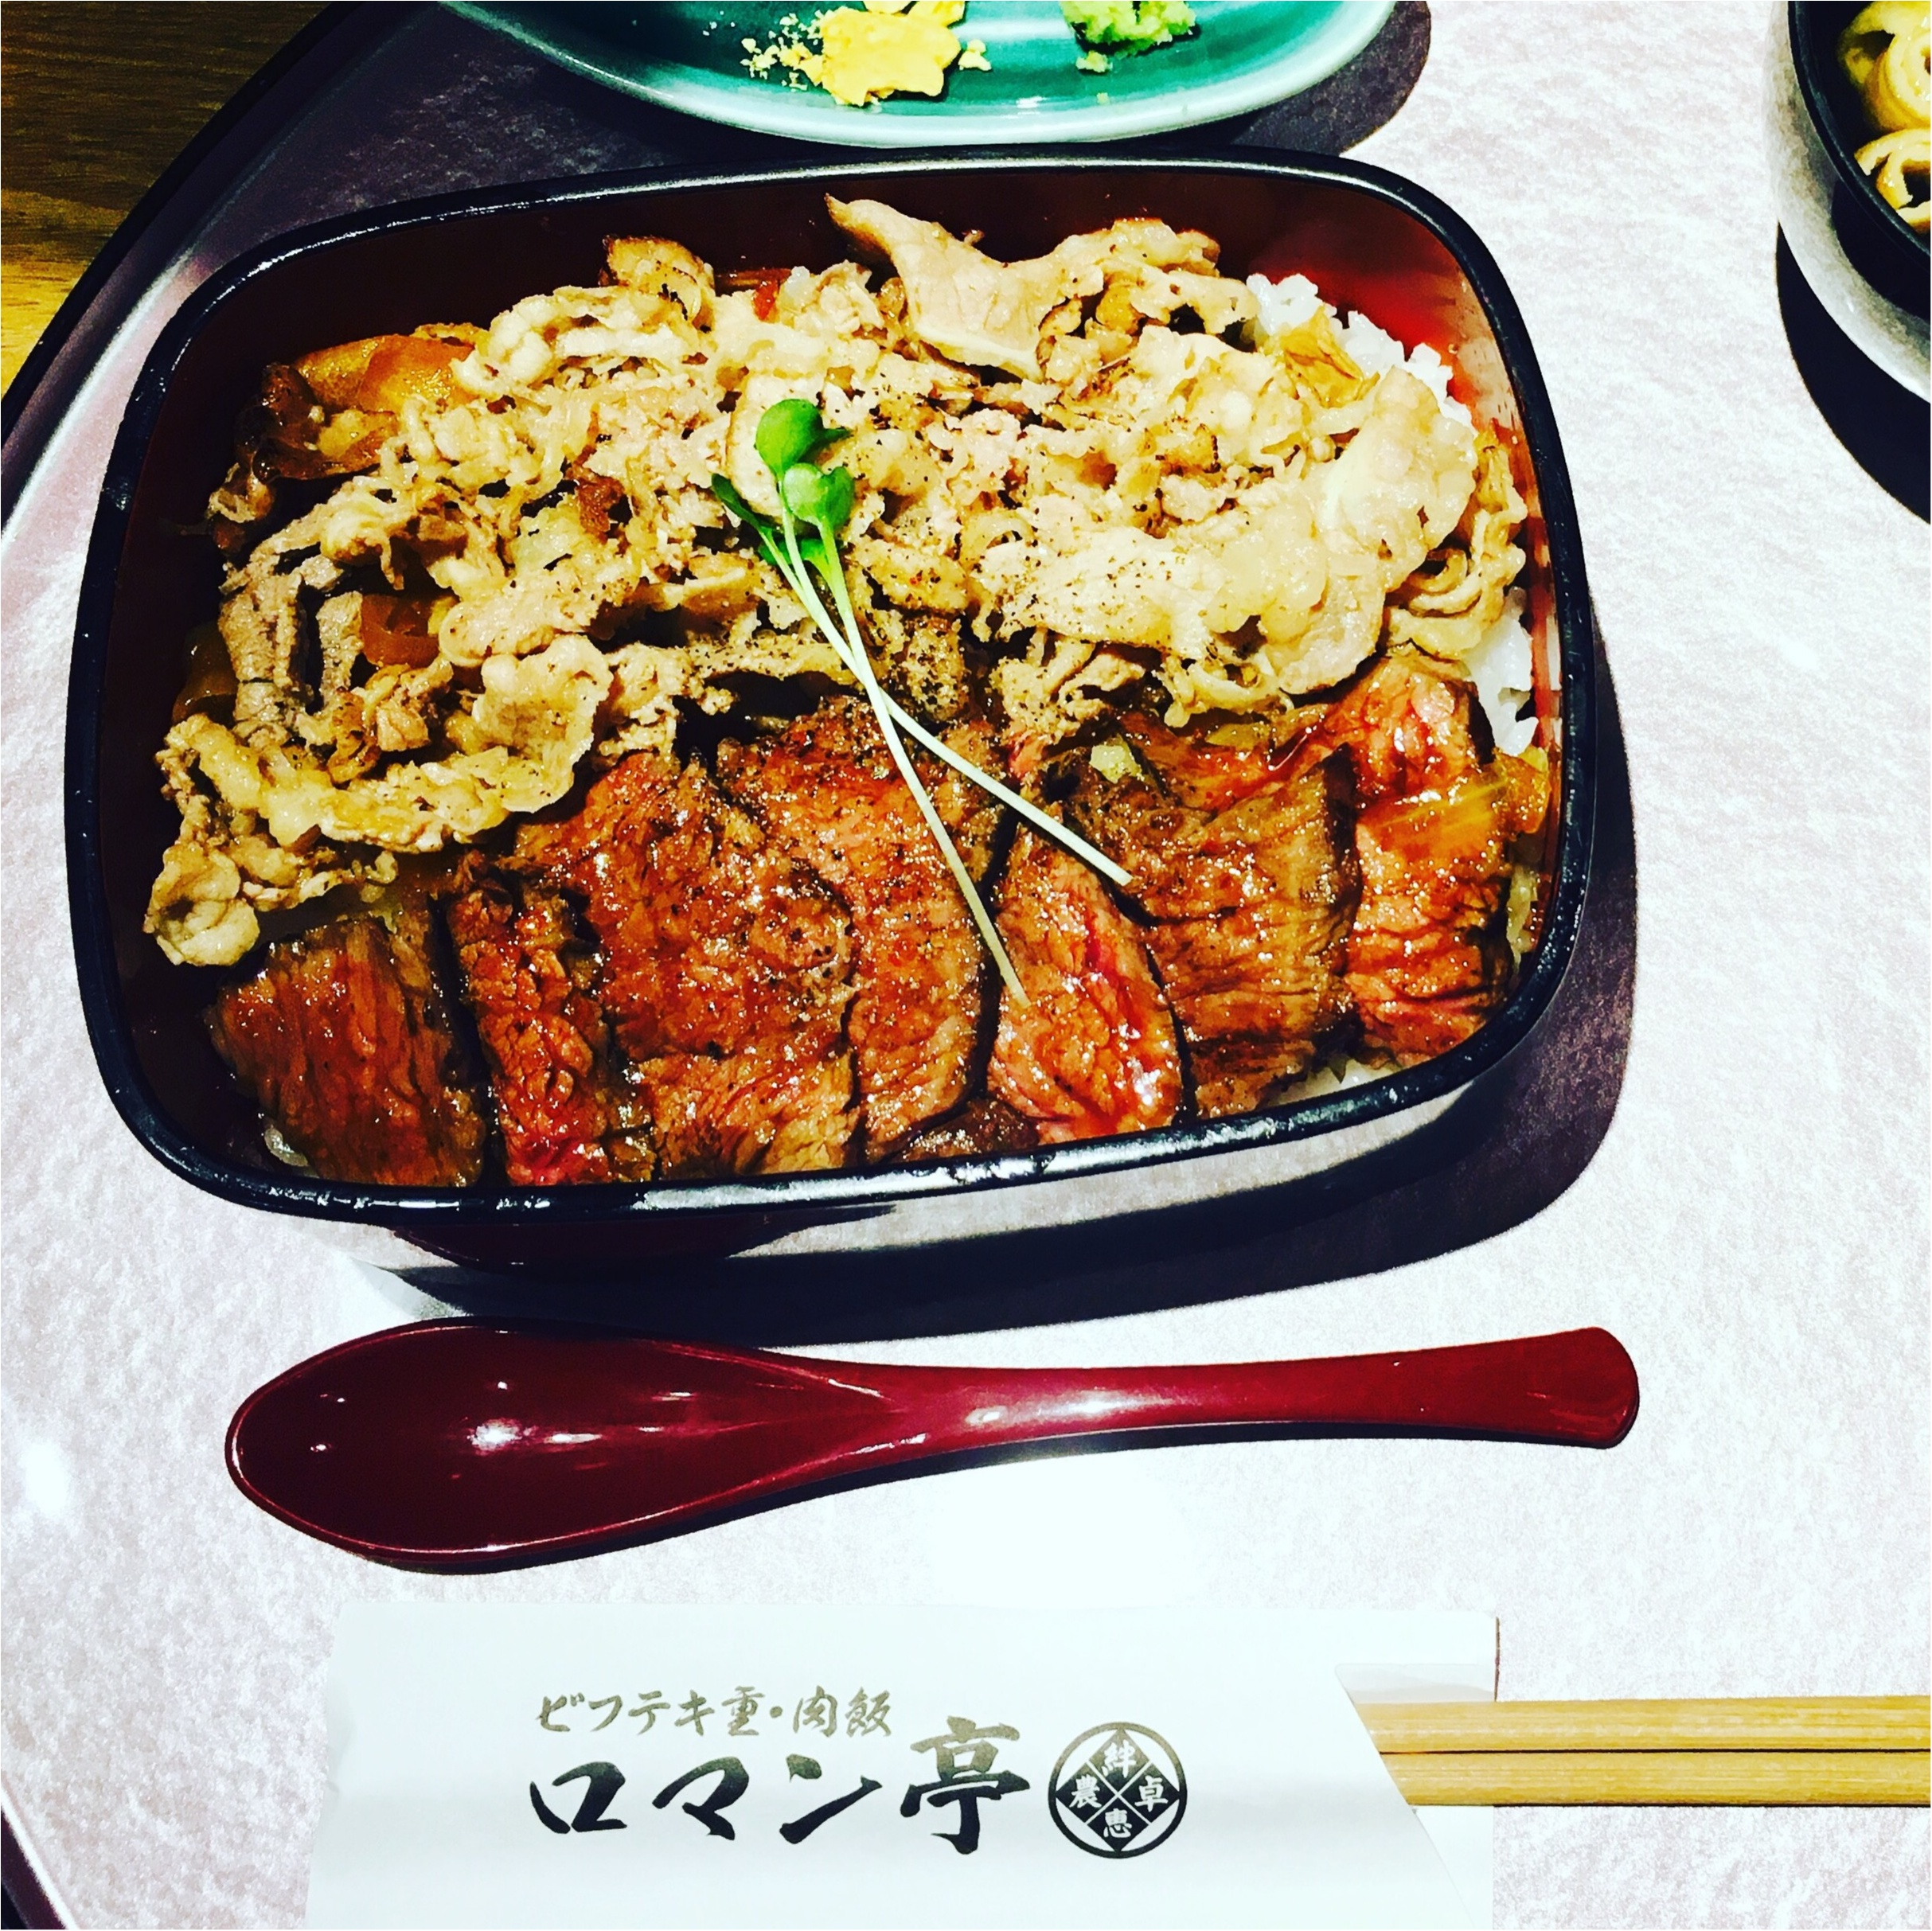 コスパ◎ロマン亭でビフテキ丼を食べてきました\(^o^)/_2